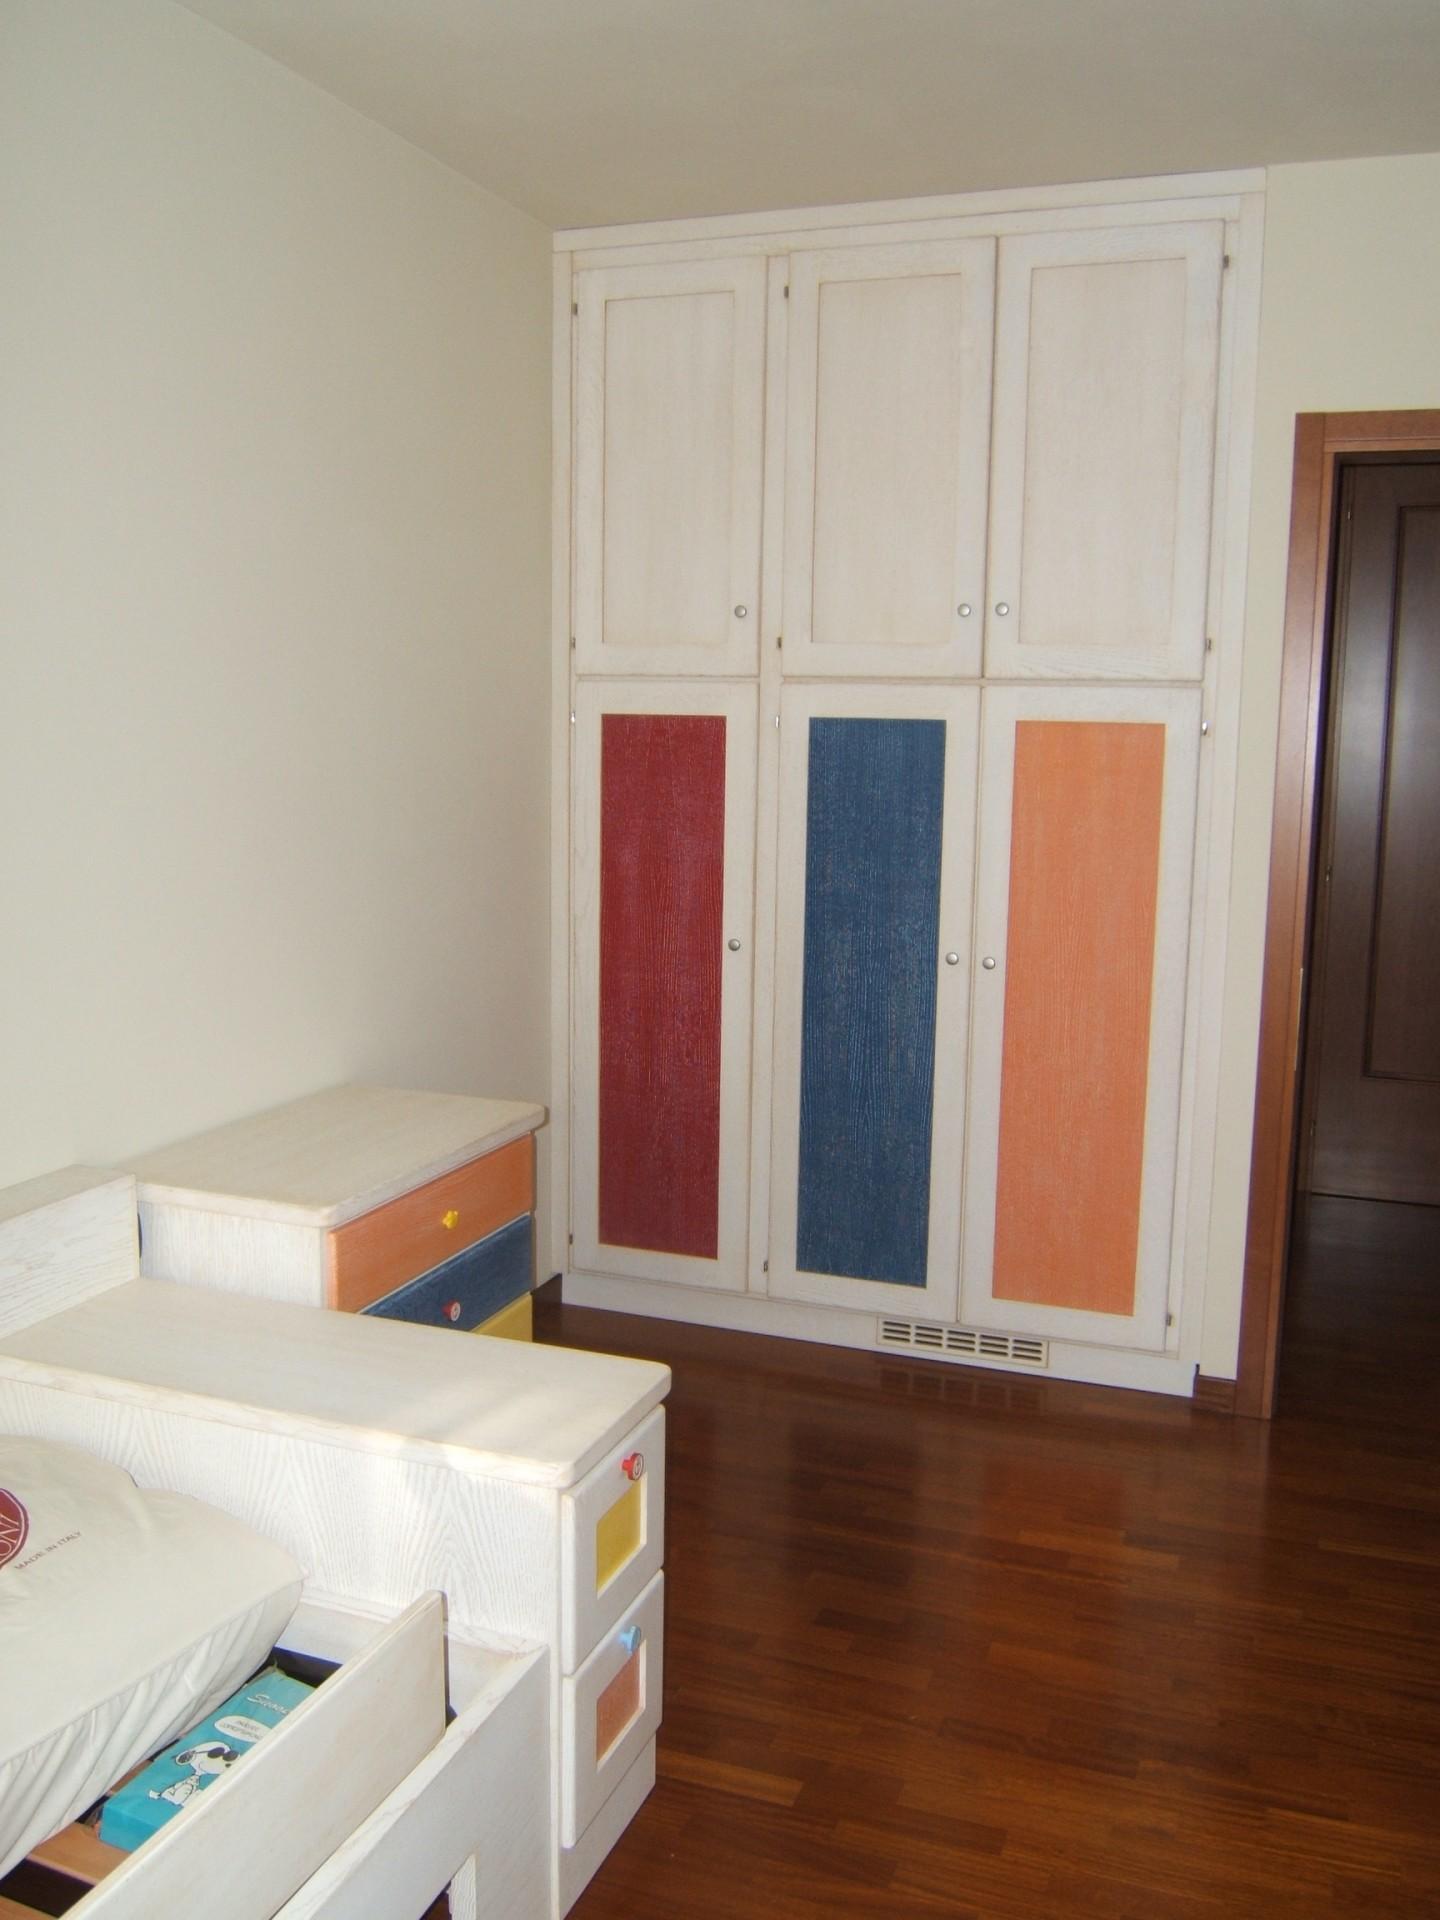 Lampadari decorazione colorati - Camere da letto bambina ...